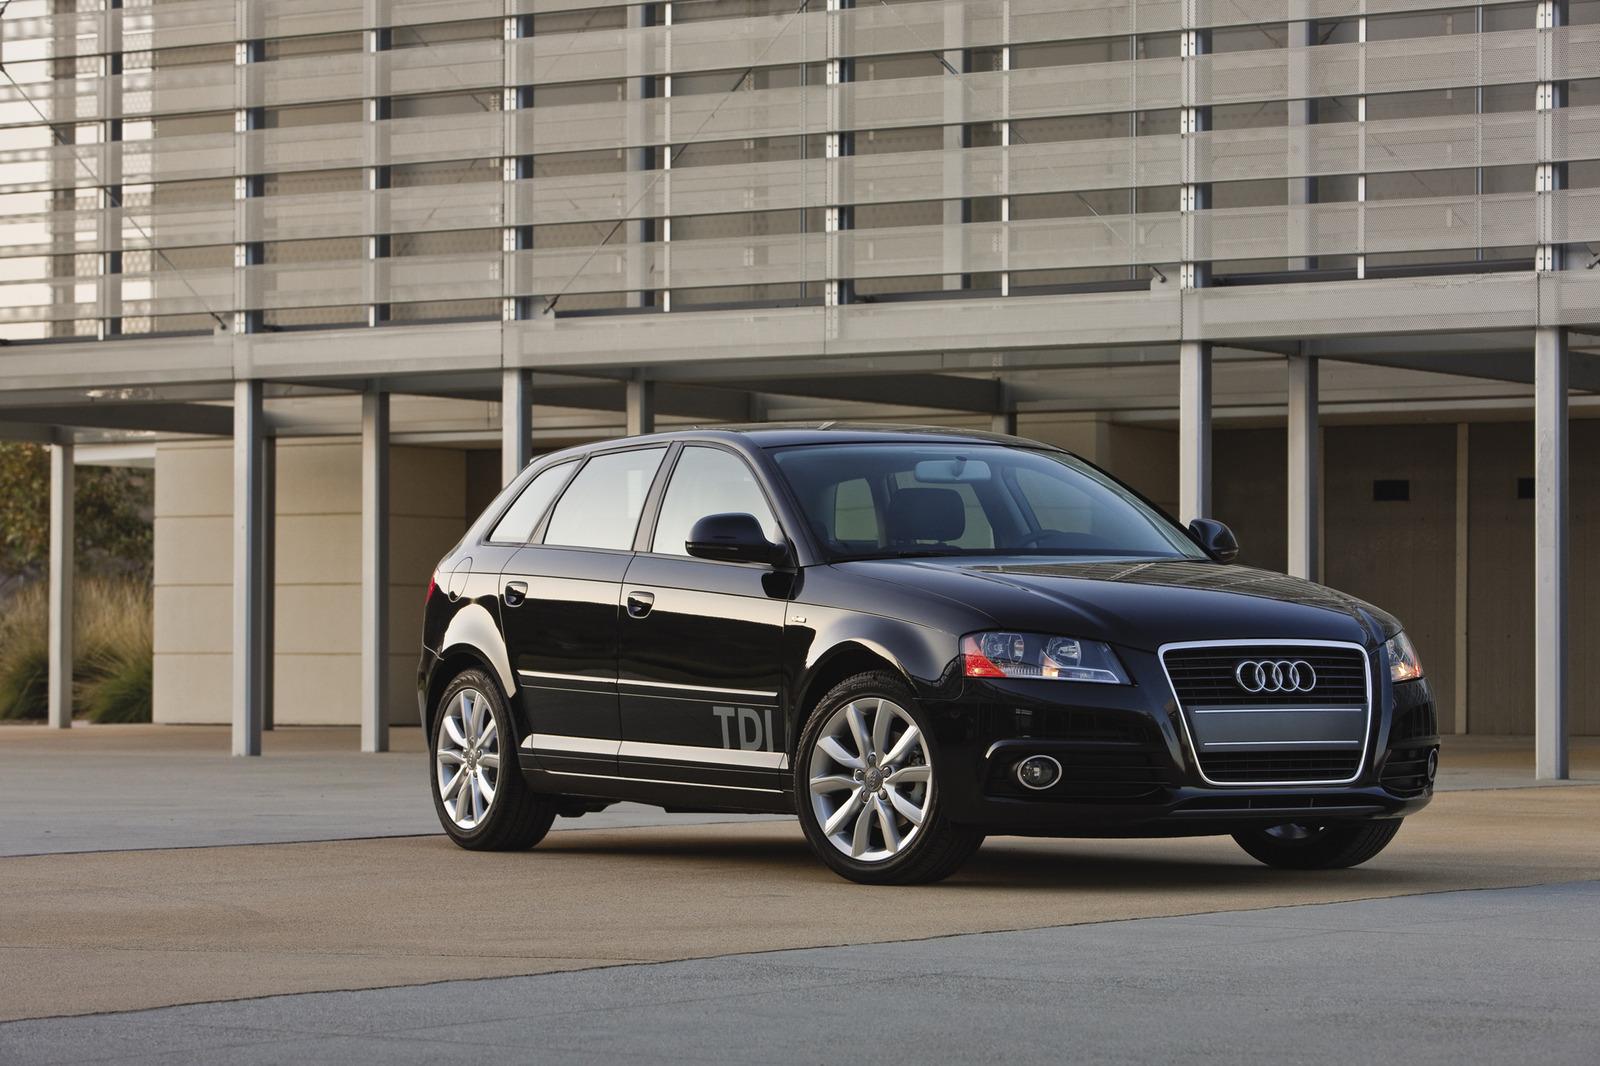 Kelebihan Kekurangan Audi A3 Tdi Top Model Tahun Ini